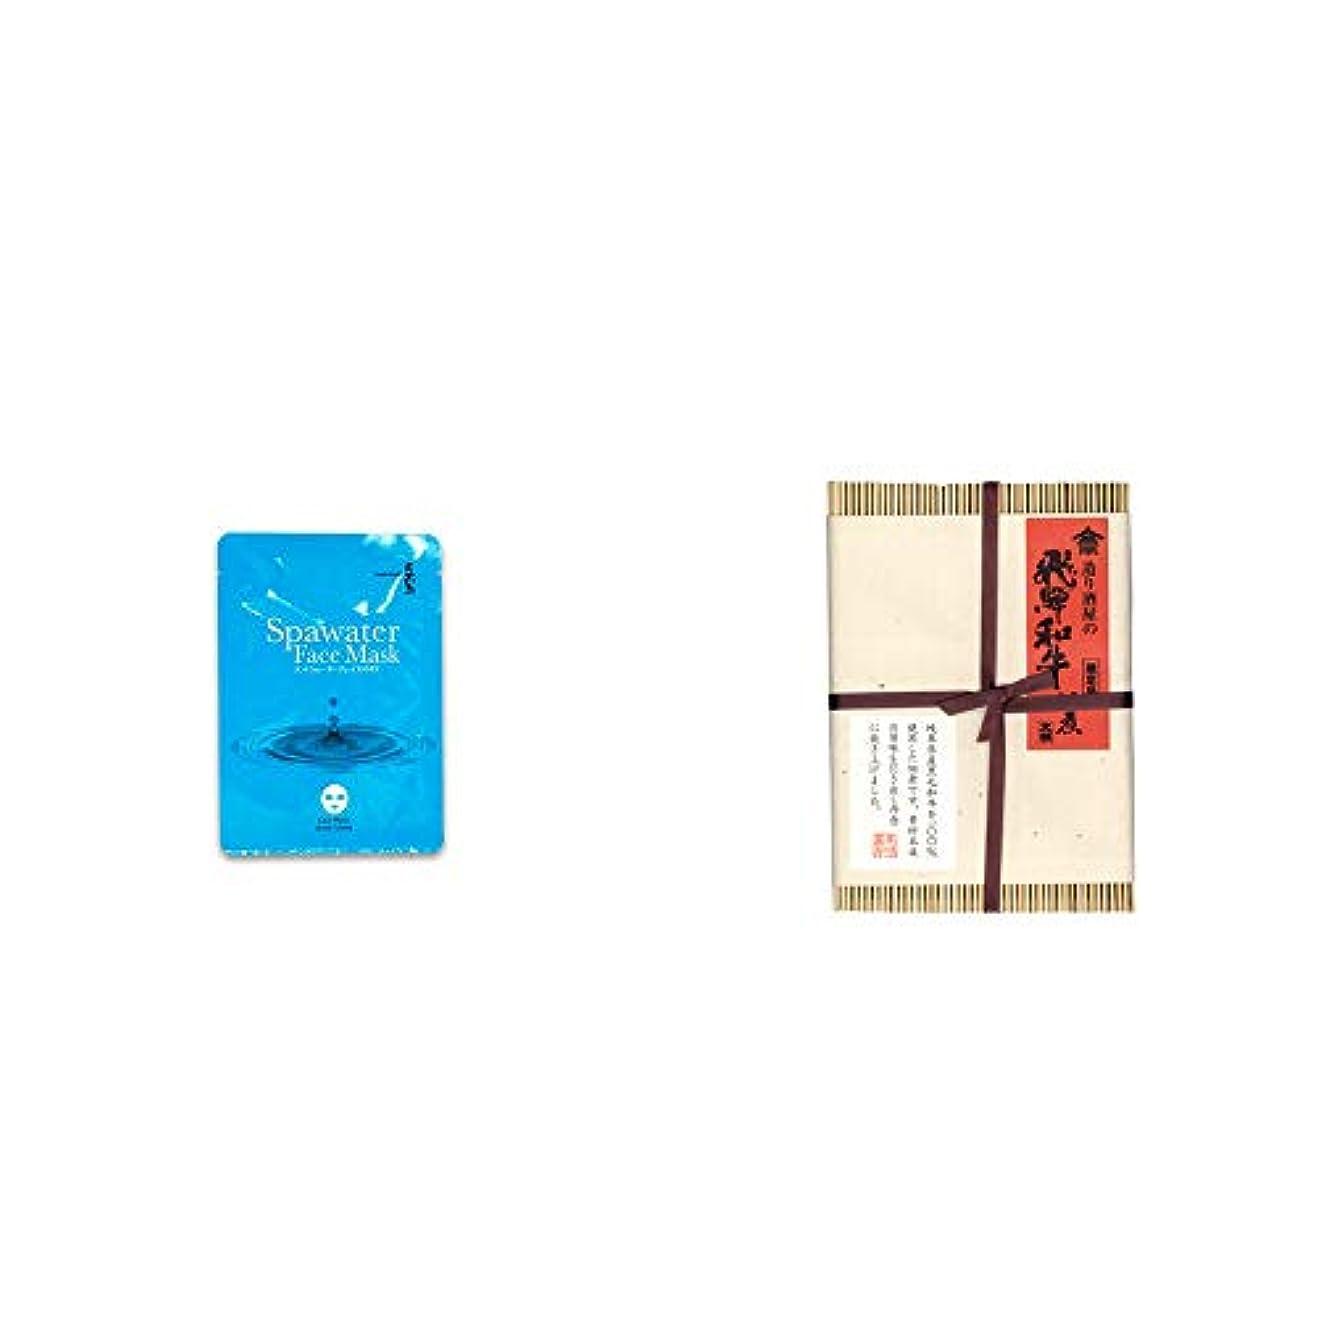 サーバ水っぽいカーペット[2点セット] ひのき炭黒泉 スパウォーターフェイスマスク(18ml×3枚入)?天領酒造 造り酒屋の飛騨和牛佃煮(100g)